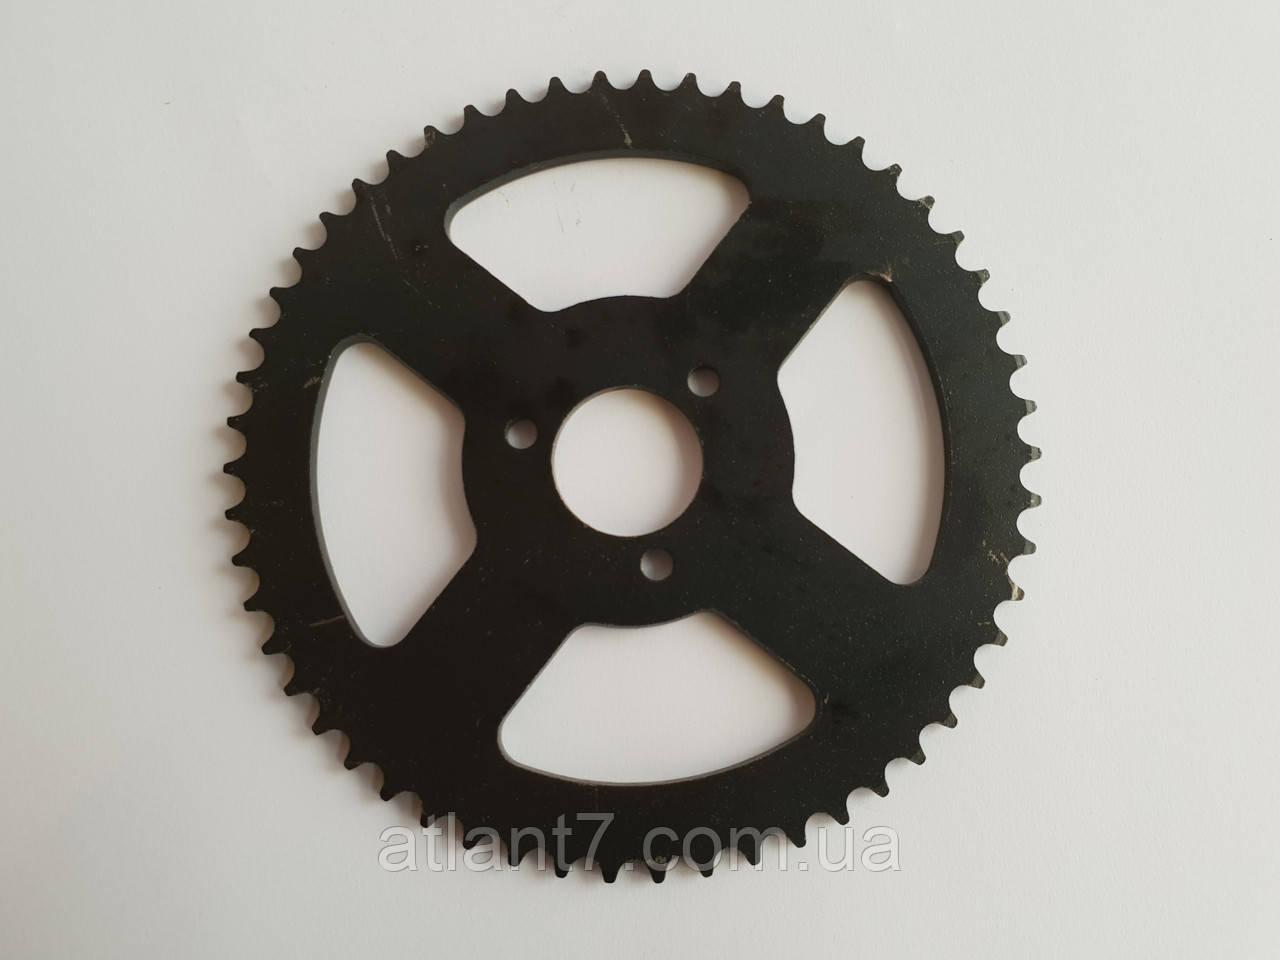 Задня зірка ведена для міні-байка, міні крос -байка ,Pocket bike 49 куб.см.